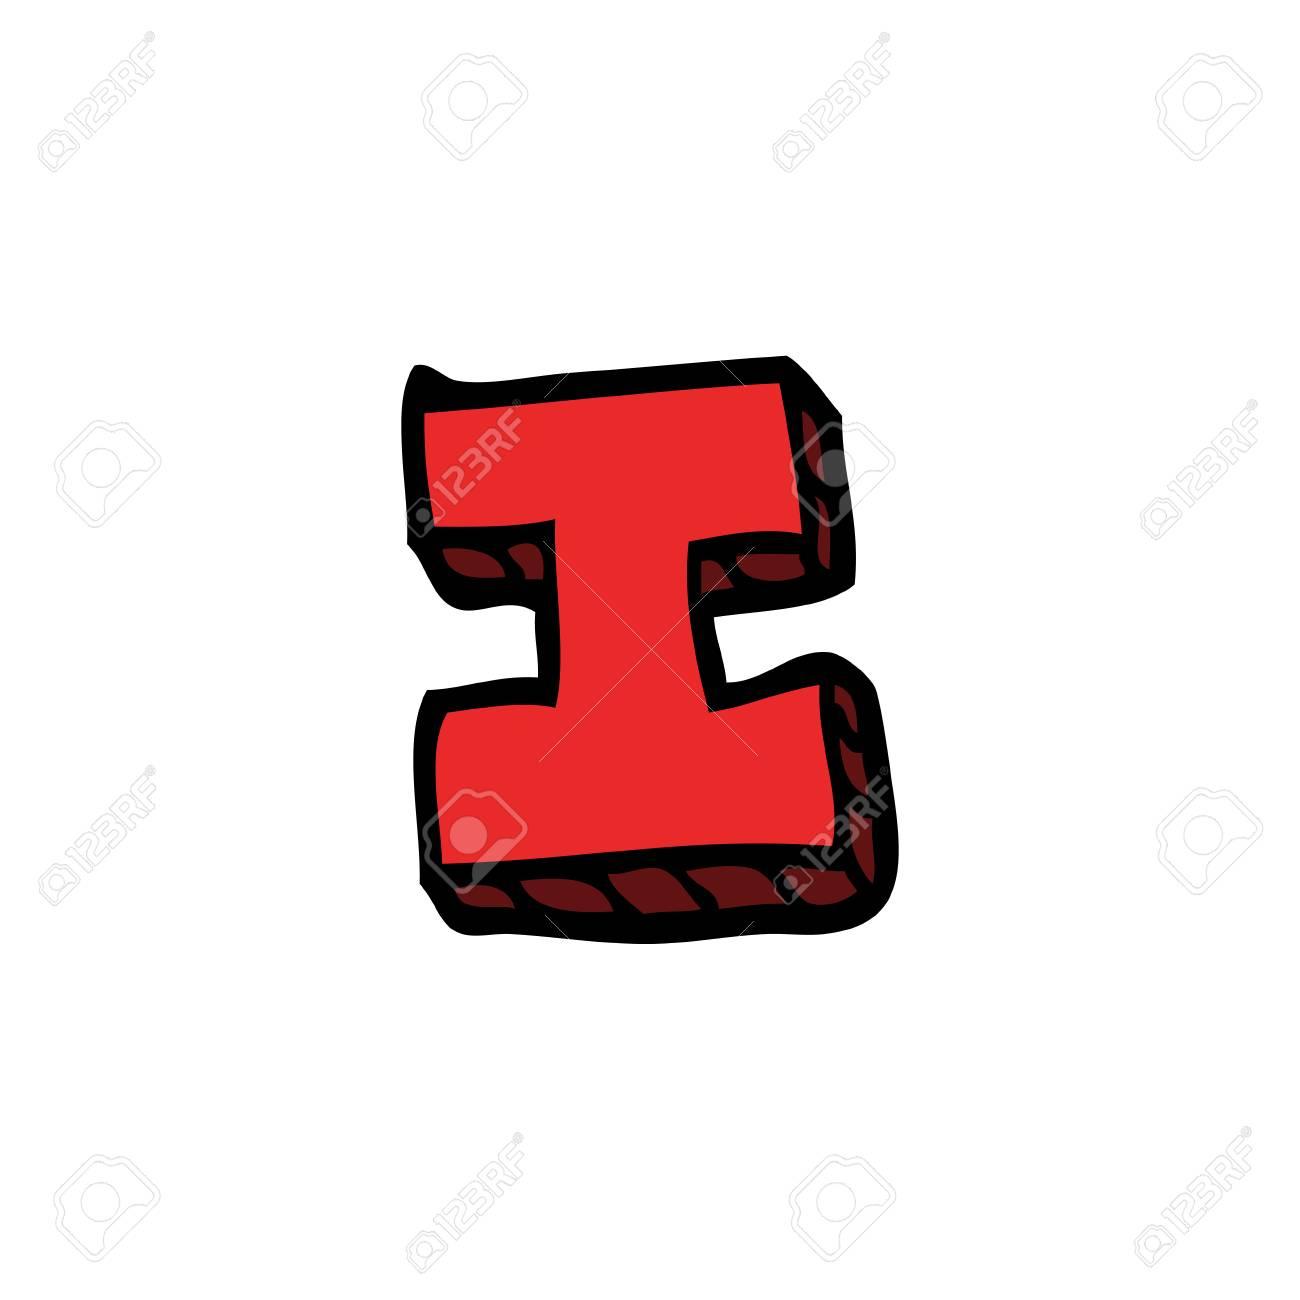 cartoon doodle letter i - 110854340